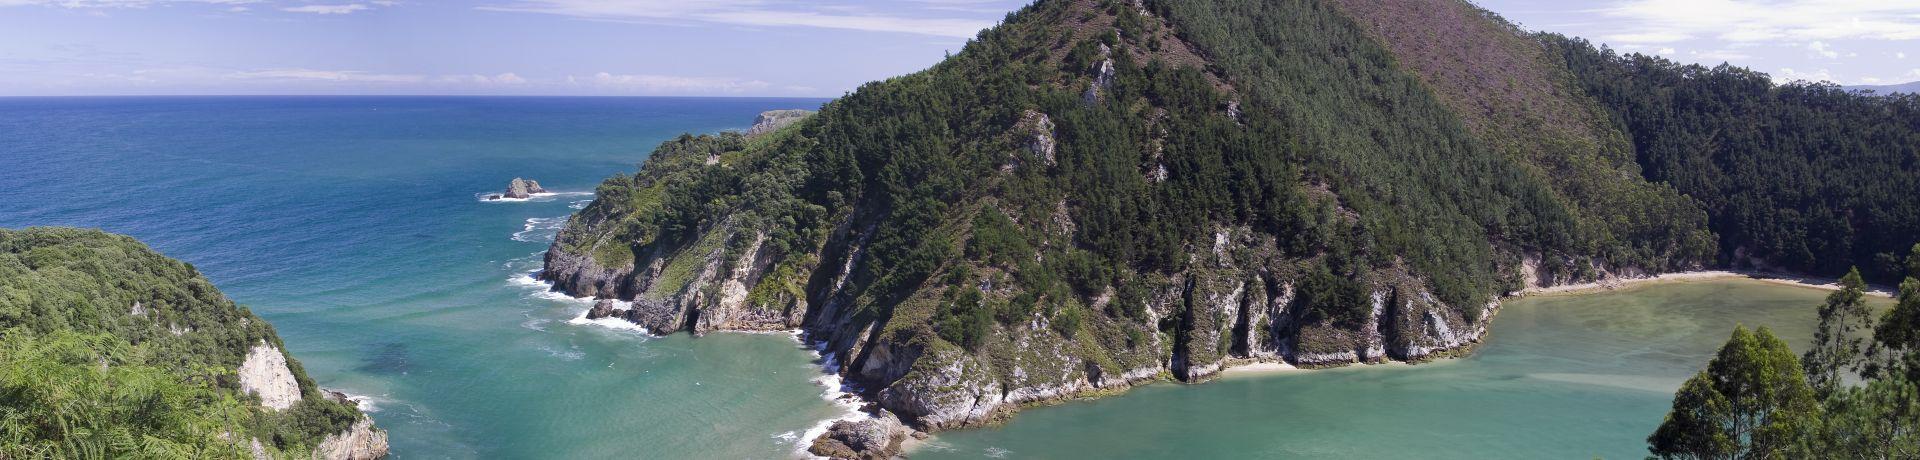 region-id-16-portugal-costa-verde_TS_119357030_F1920x460.jpg